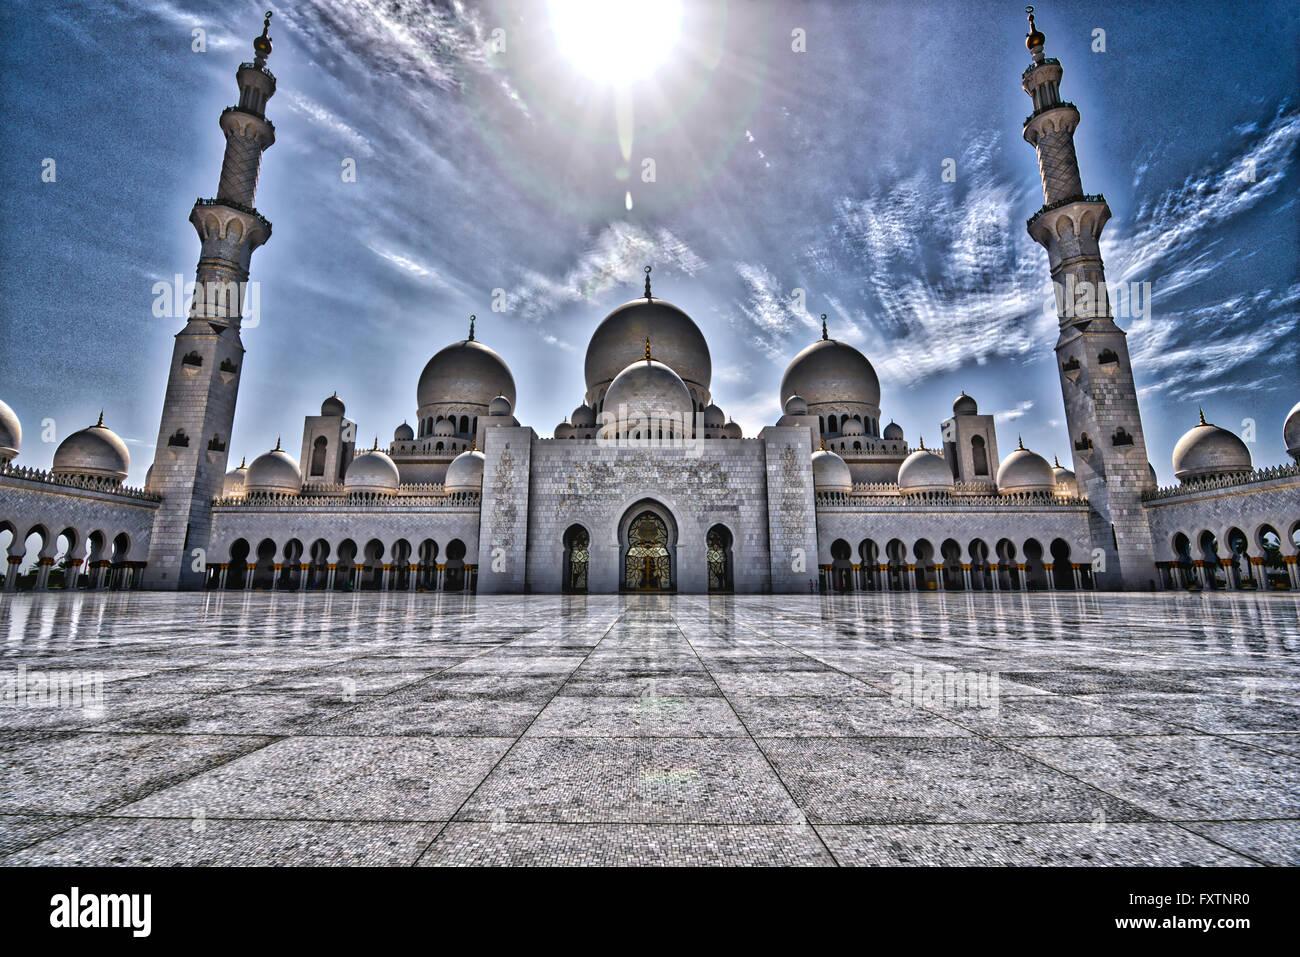 HDR vista de la zona central de la Gran Mezquita de Sheikh Zayed en Abu Dhabi Imagen De Stock